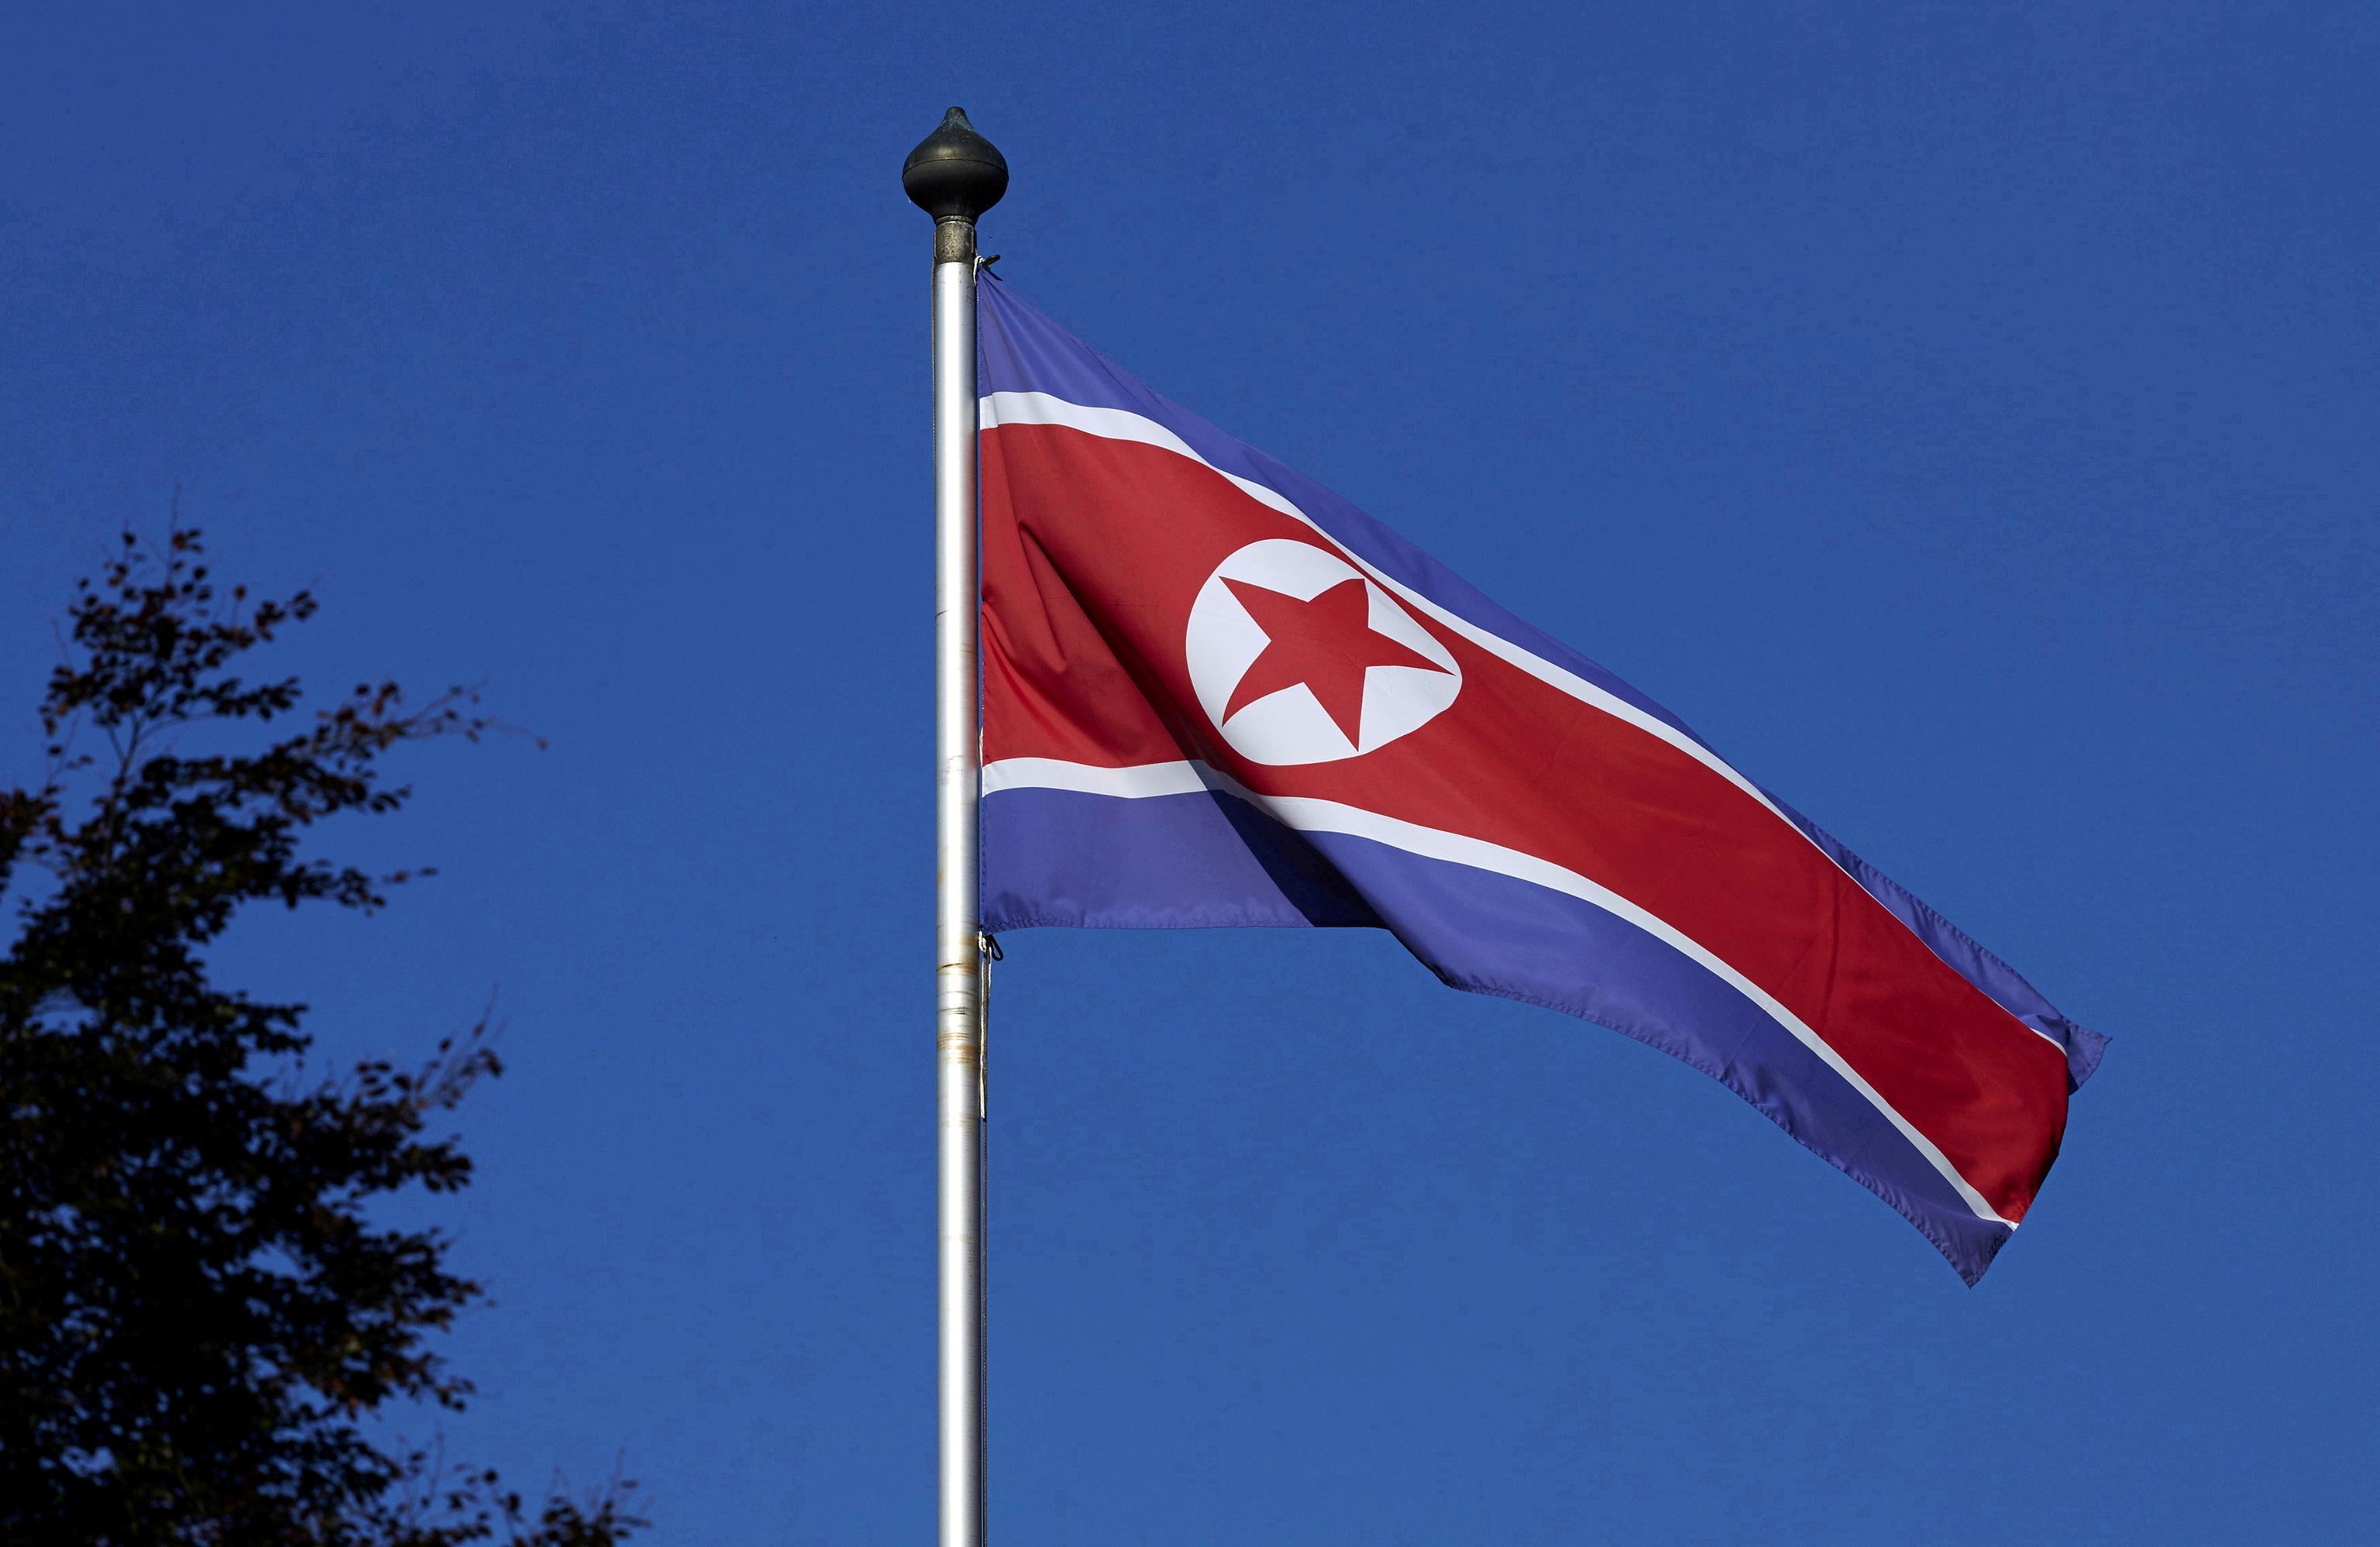 Corea del Norte lanza un misil sin identificar hacia el mar de Japón  y defiende su derecho a probar armamento